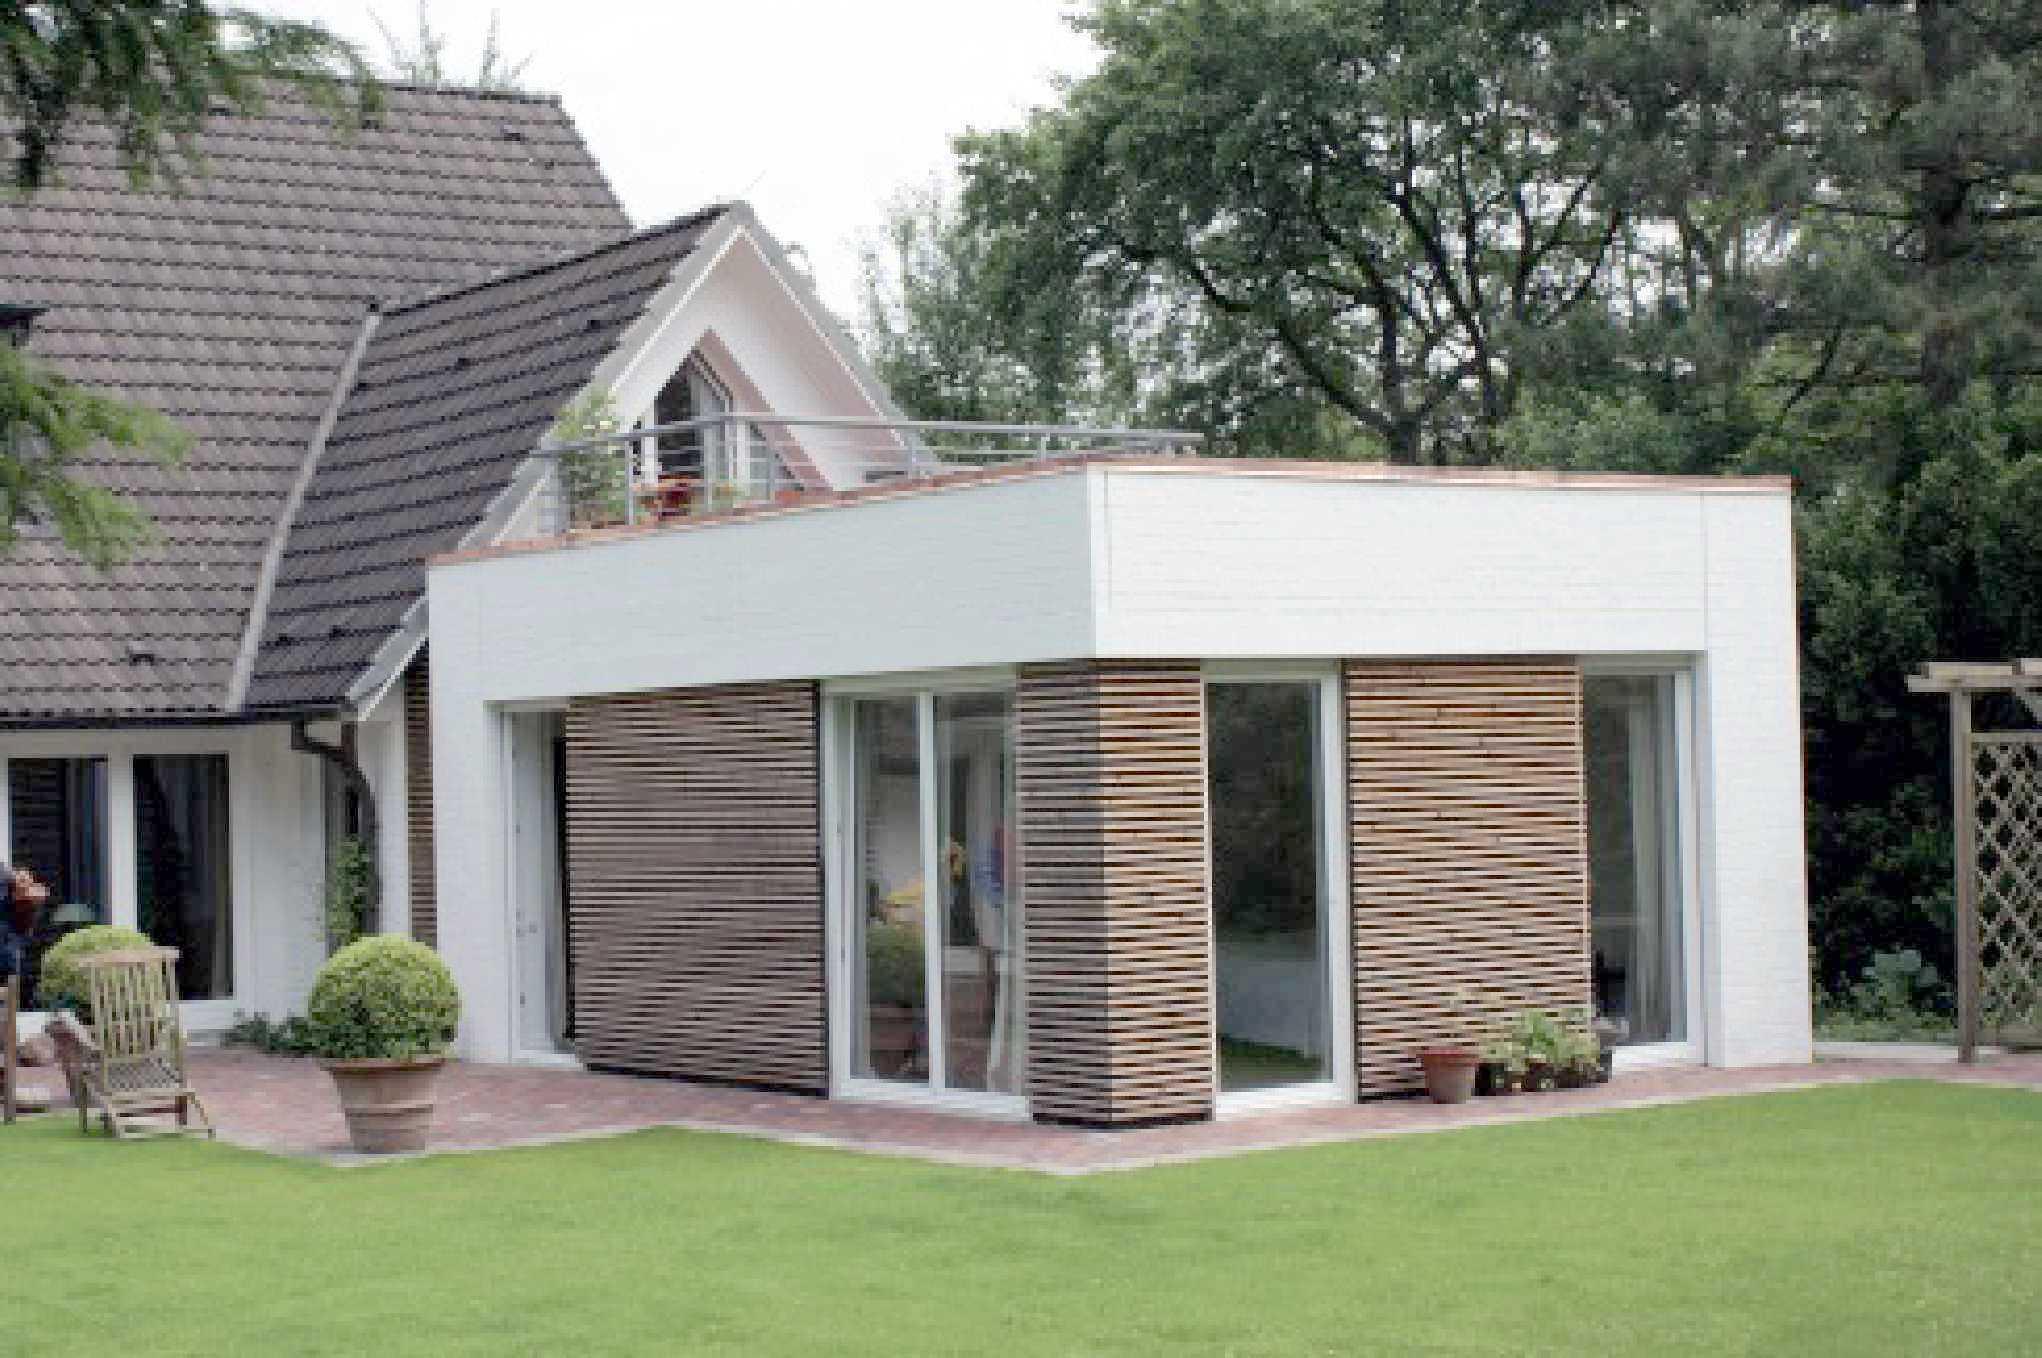 Architekt Hamburg architekt hamburg oliver meyer architekt